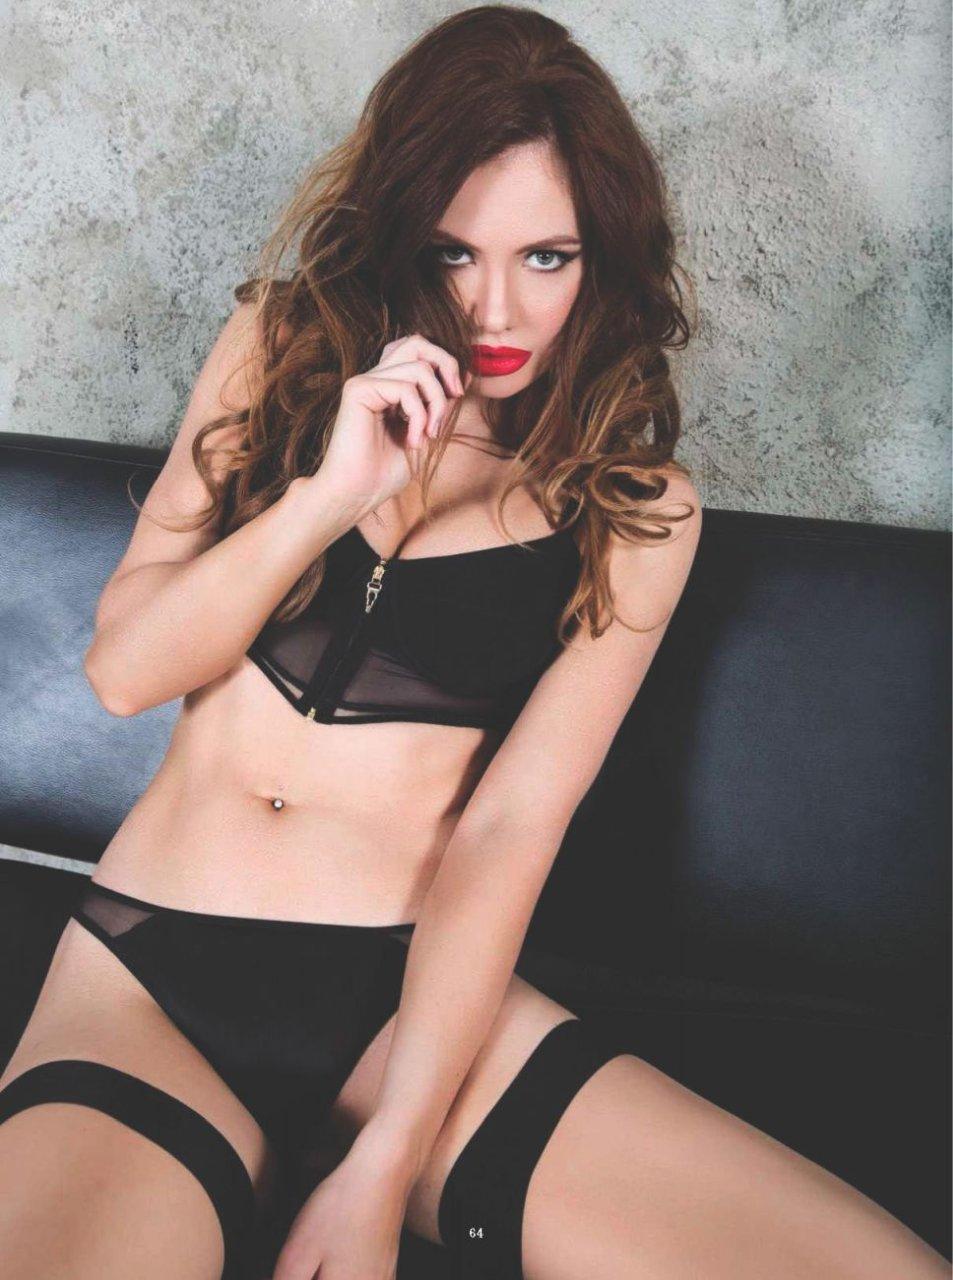 Yuliya lasmovich sexy - 2019 year